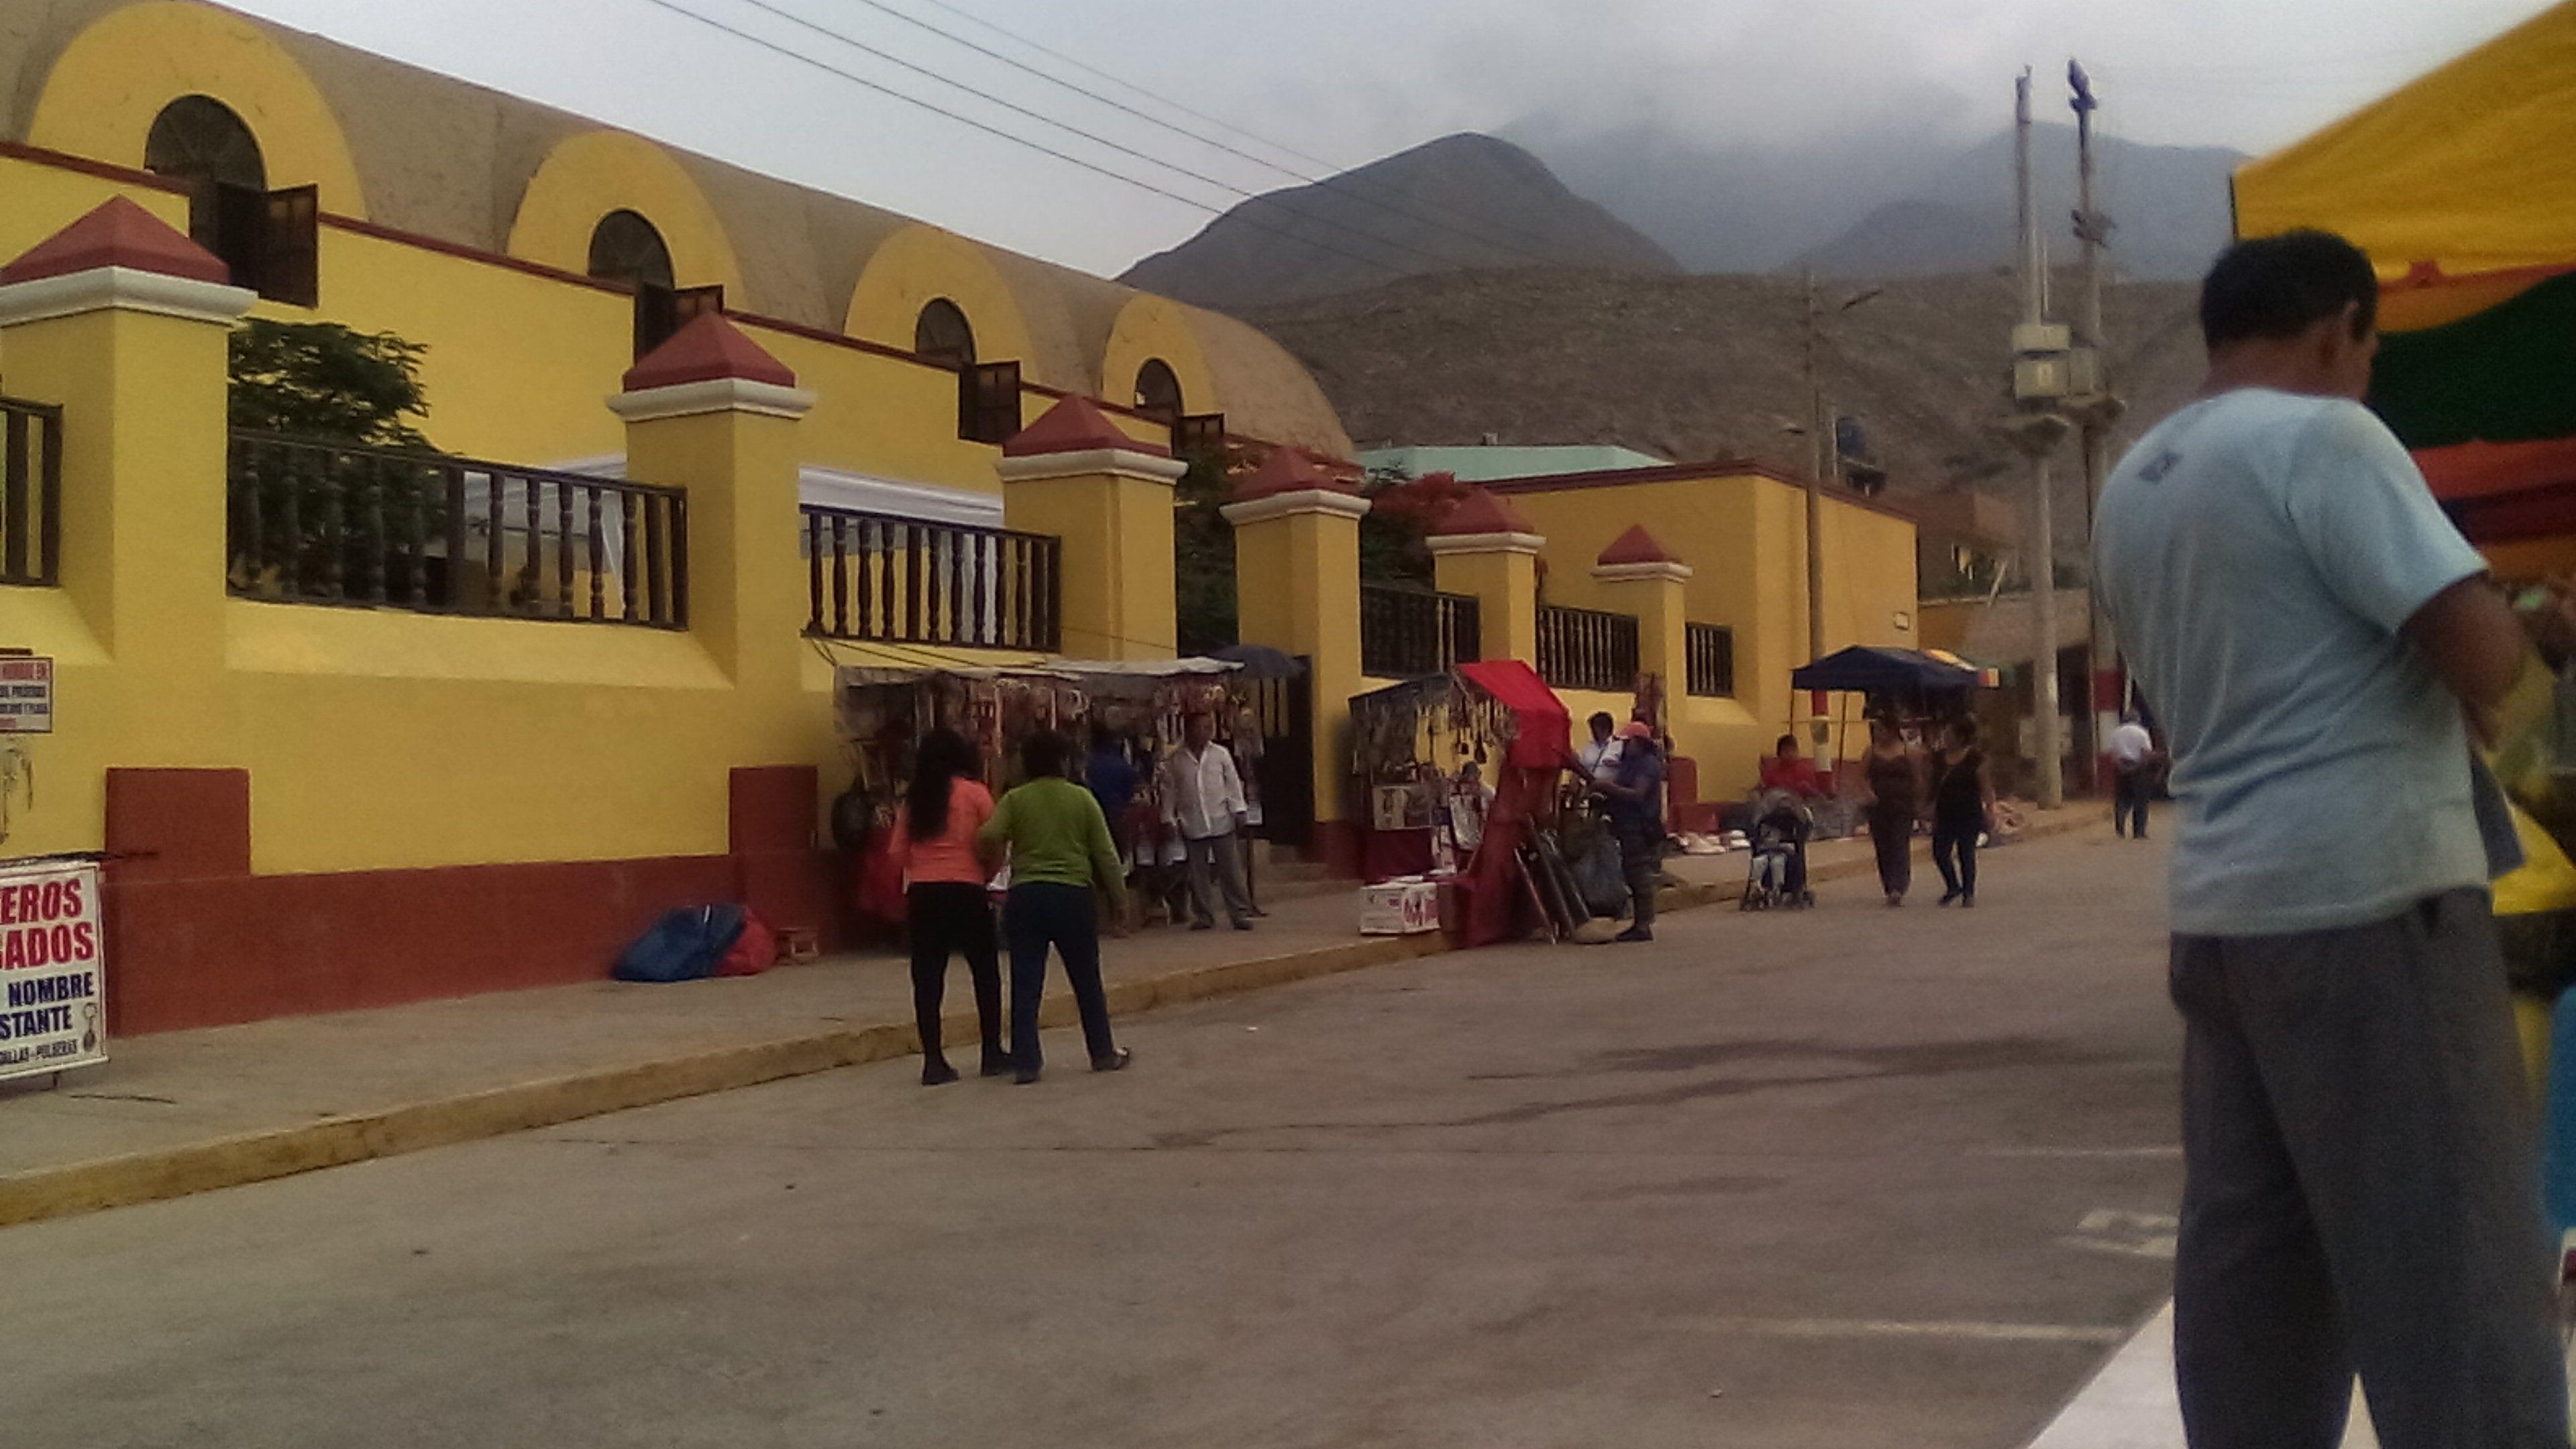 La Iglesia Matriz de Calango vista desde un ángulo diferente, se puede observar a los pobladores y también a vendedores, que aprovechando la fiesta patronal de la Candelaria ofertan sus productos de artesanía.